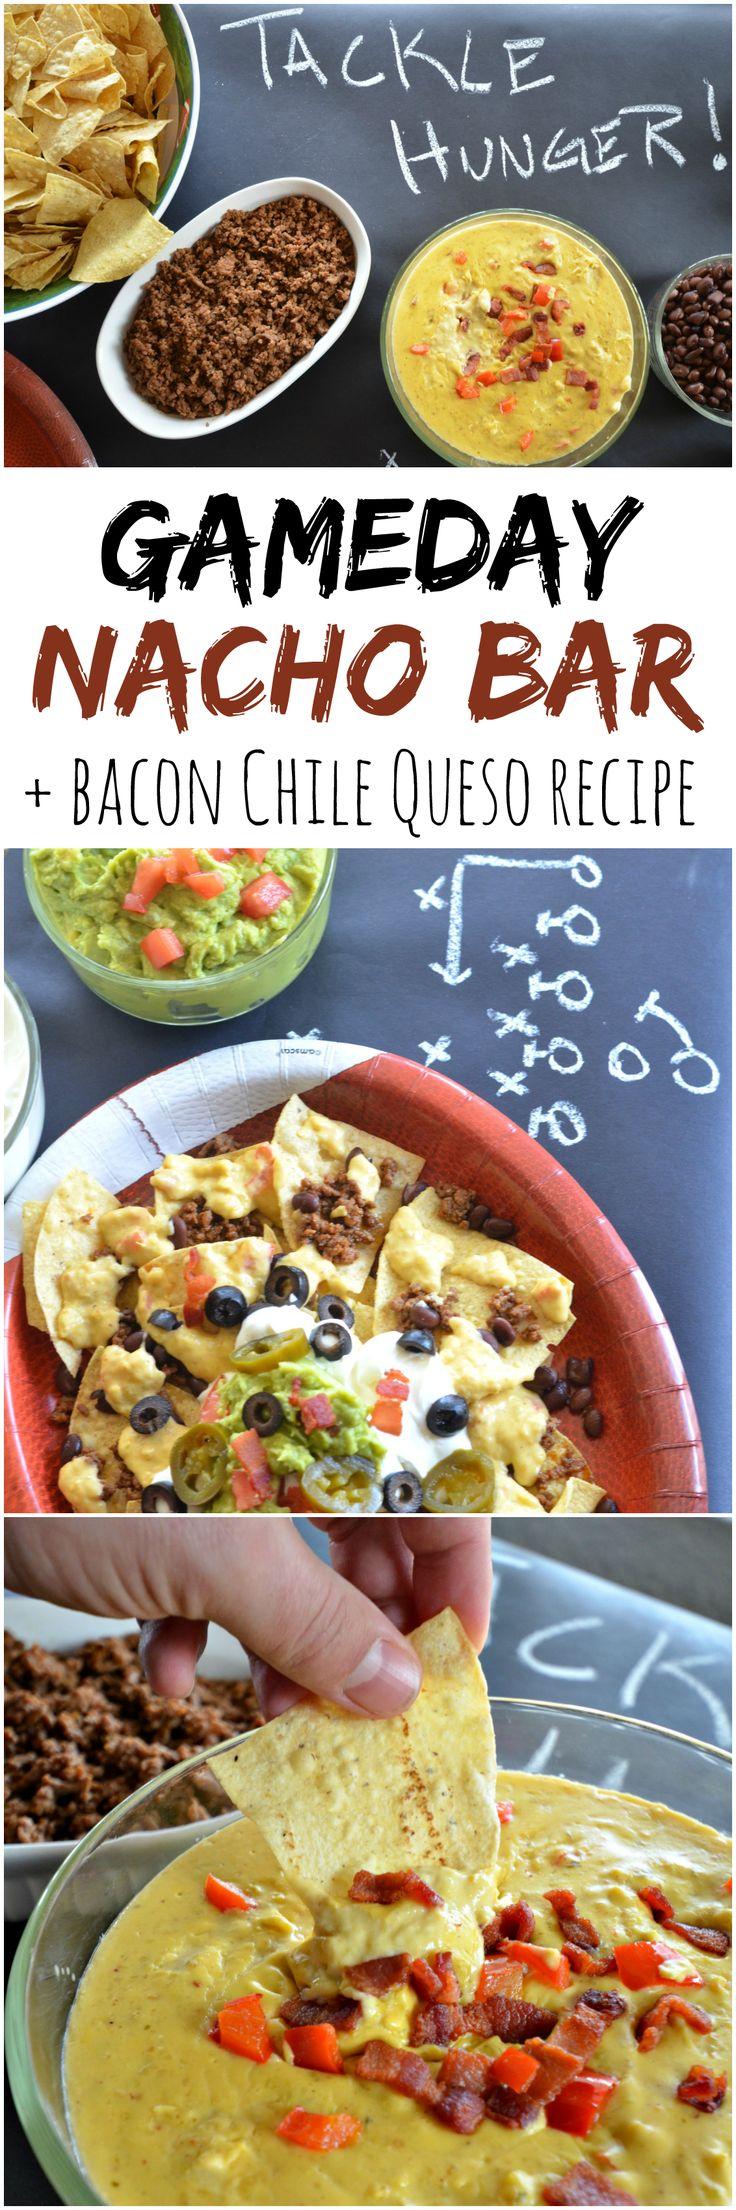 Super Bowl Party: Nacho Bar & Bacon Chile Queso Recipe